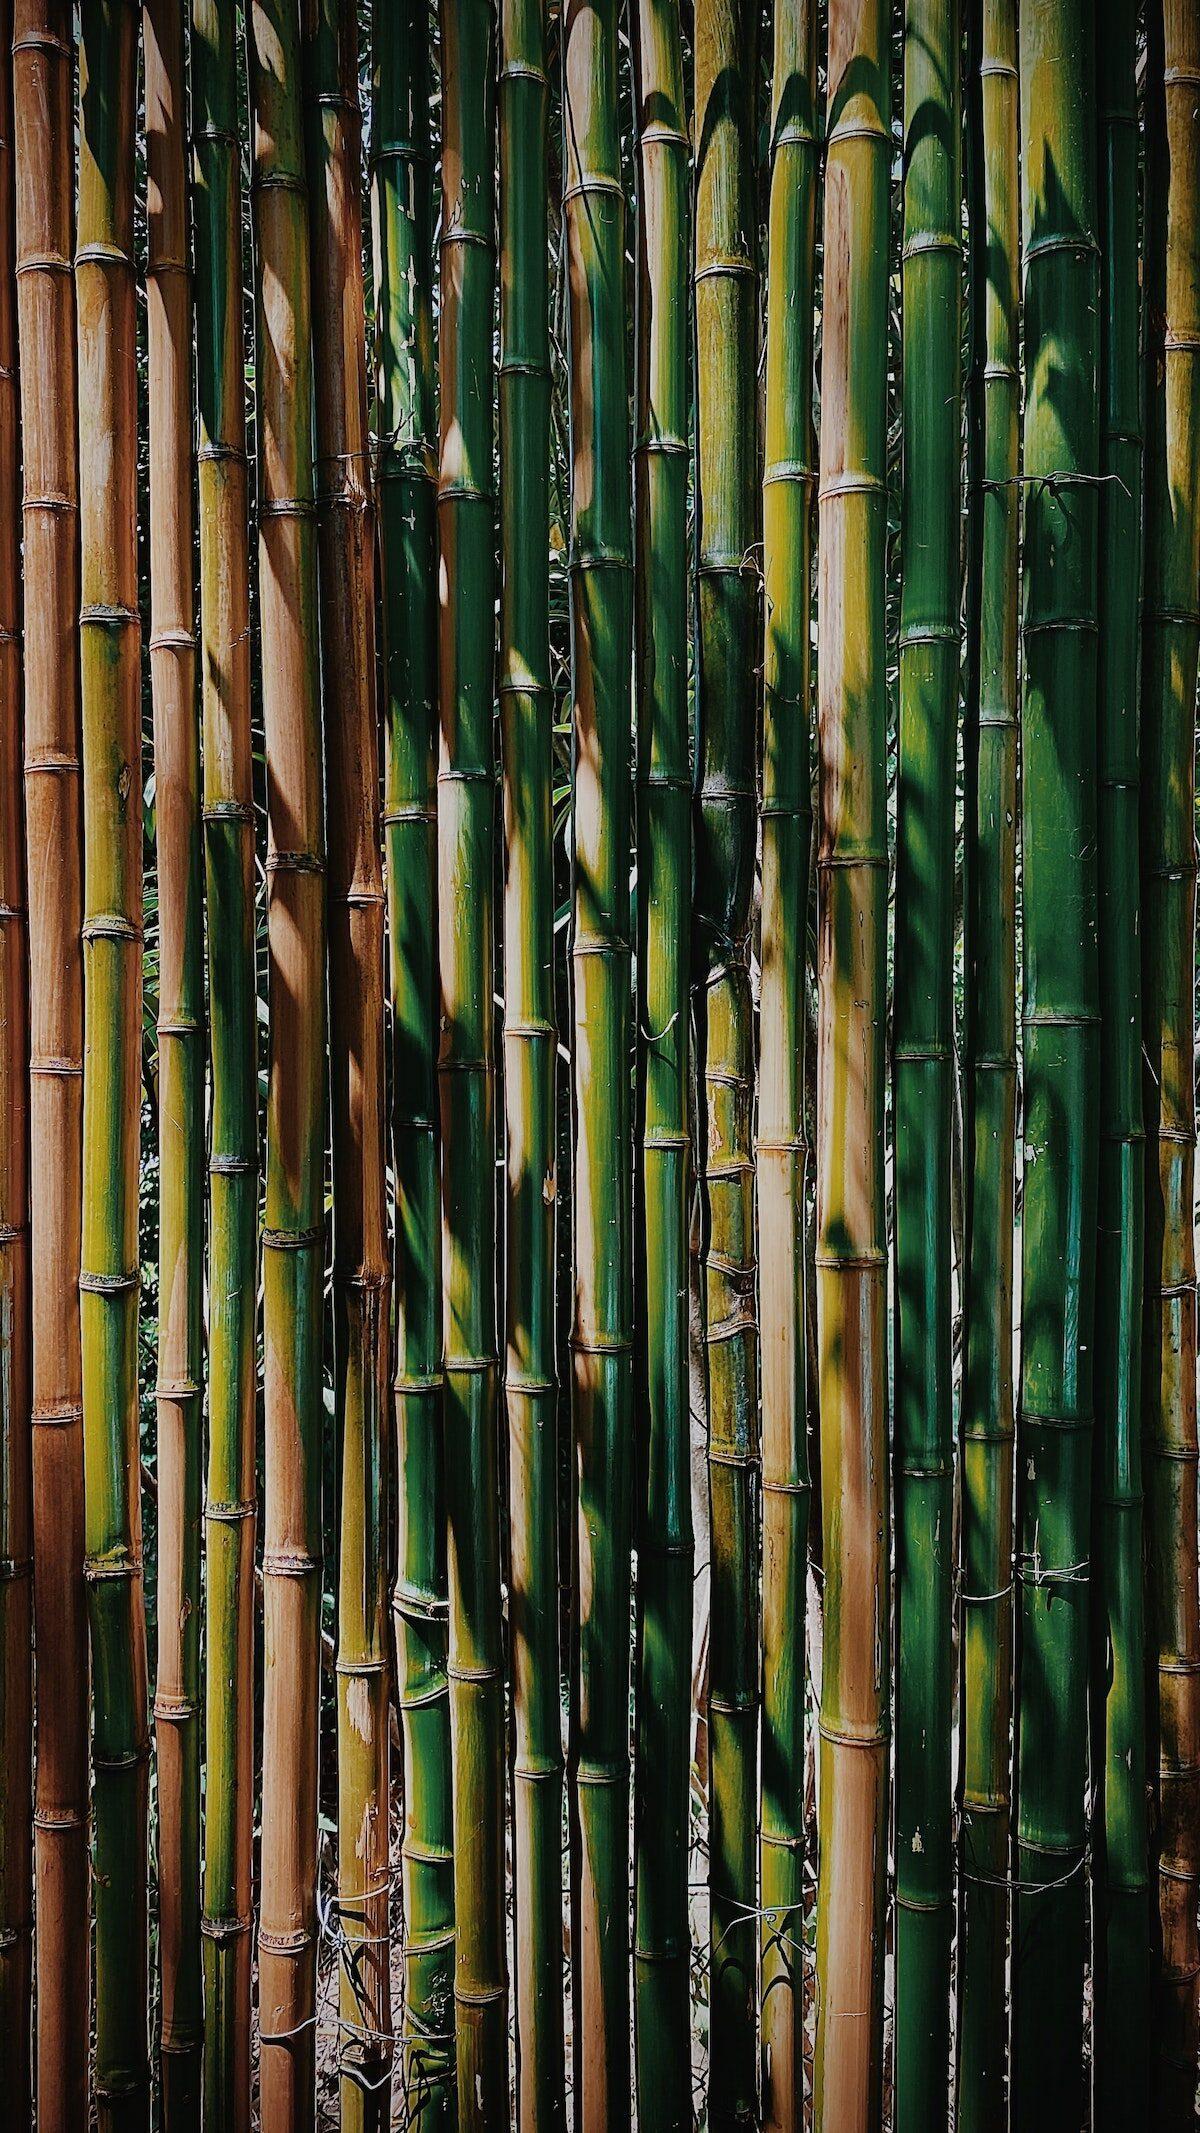 comment faire pousser bambou terrasse jardin